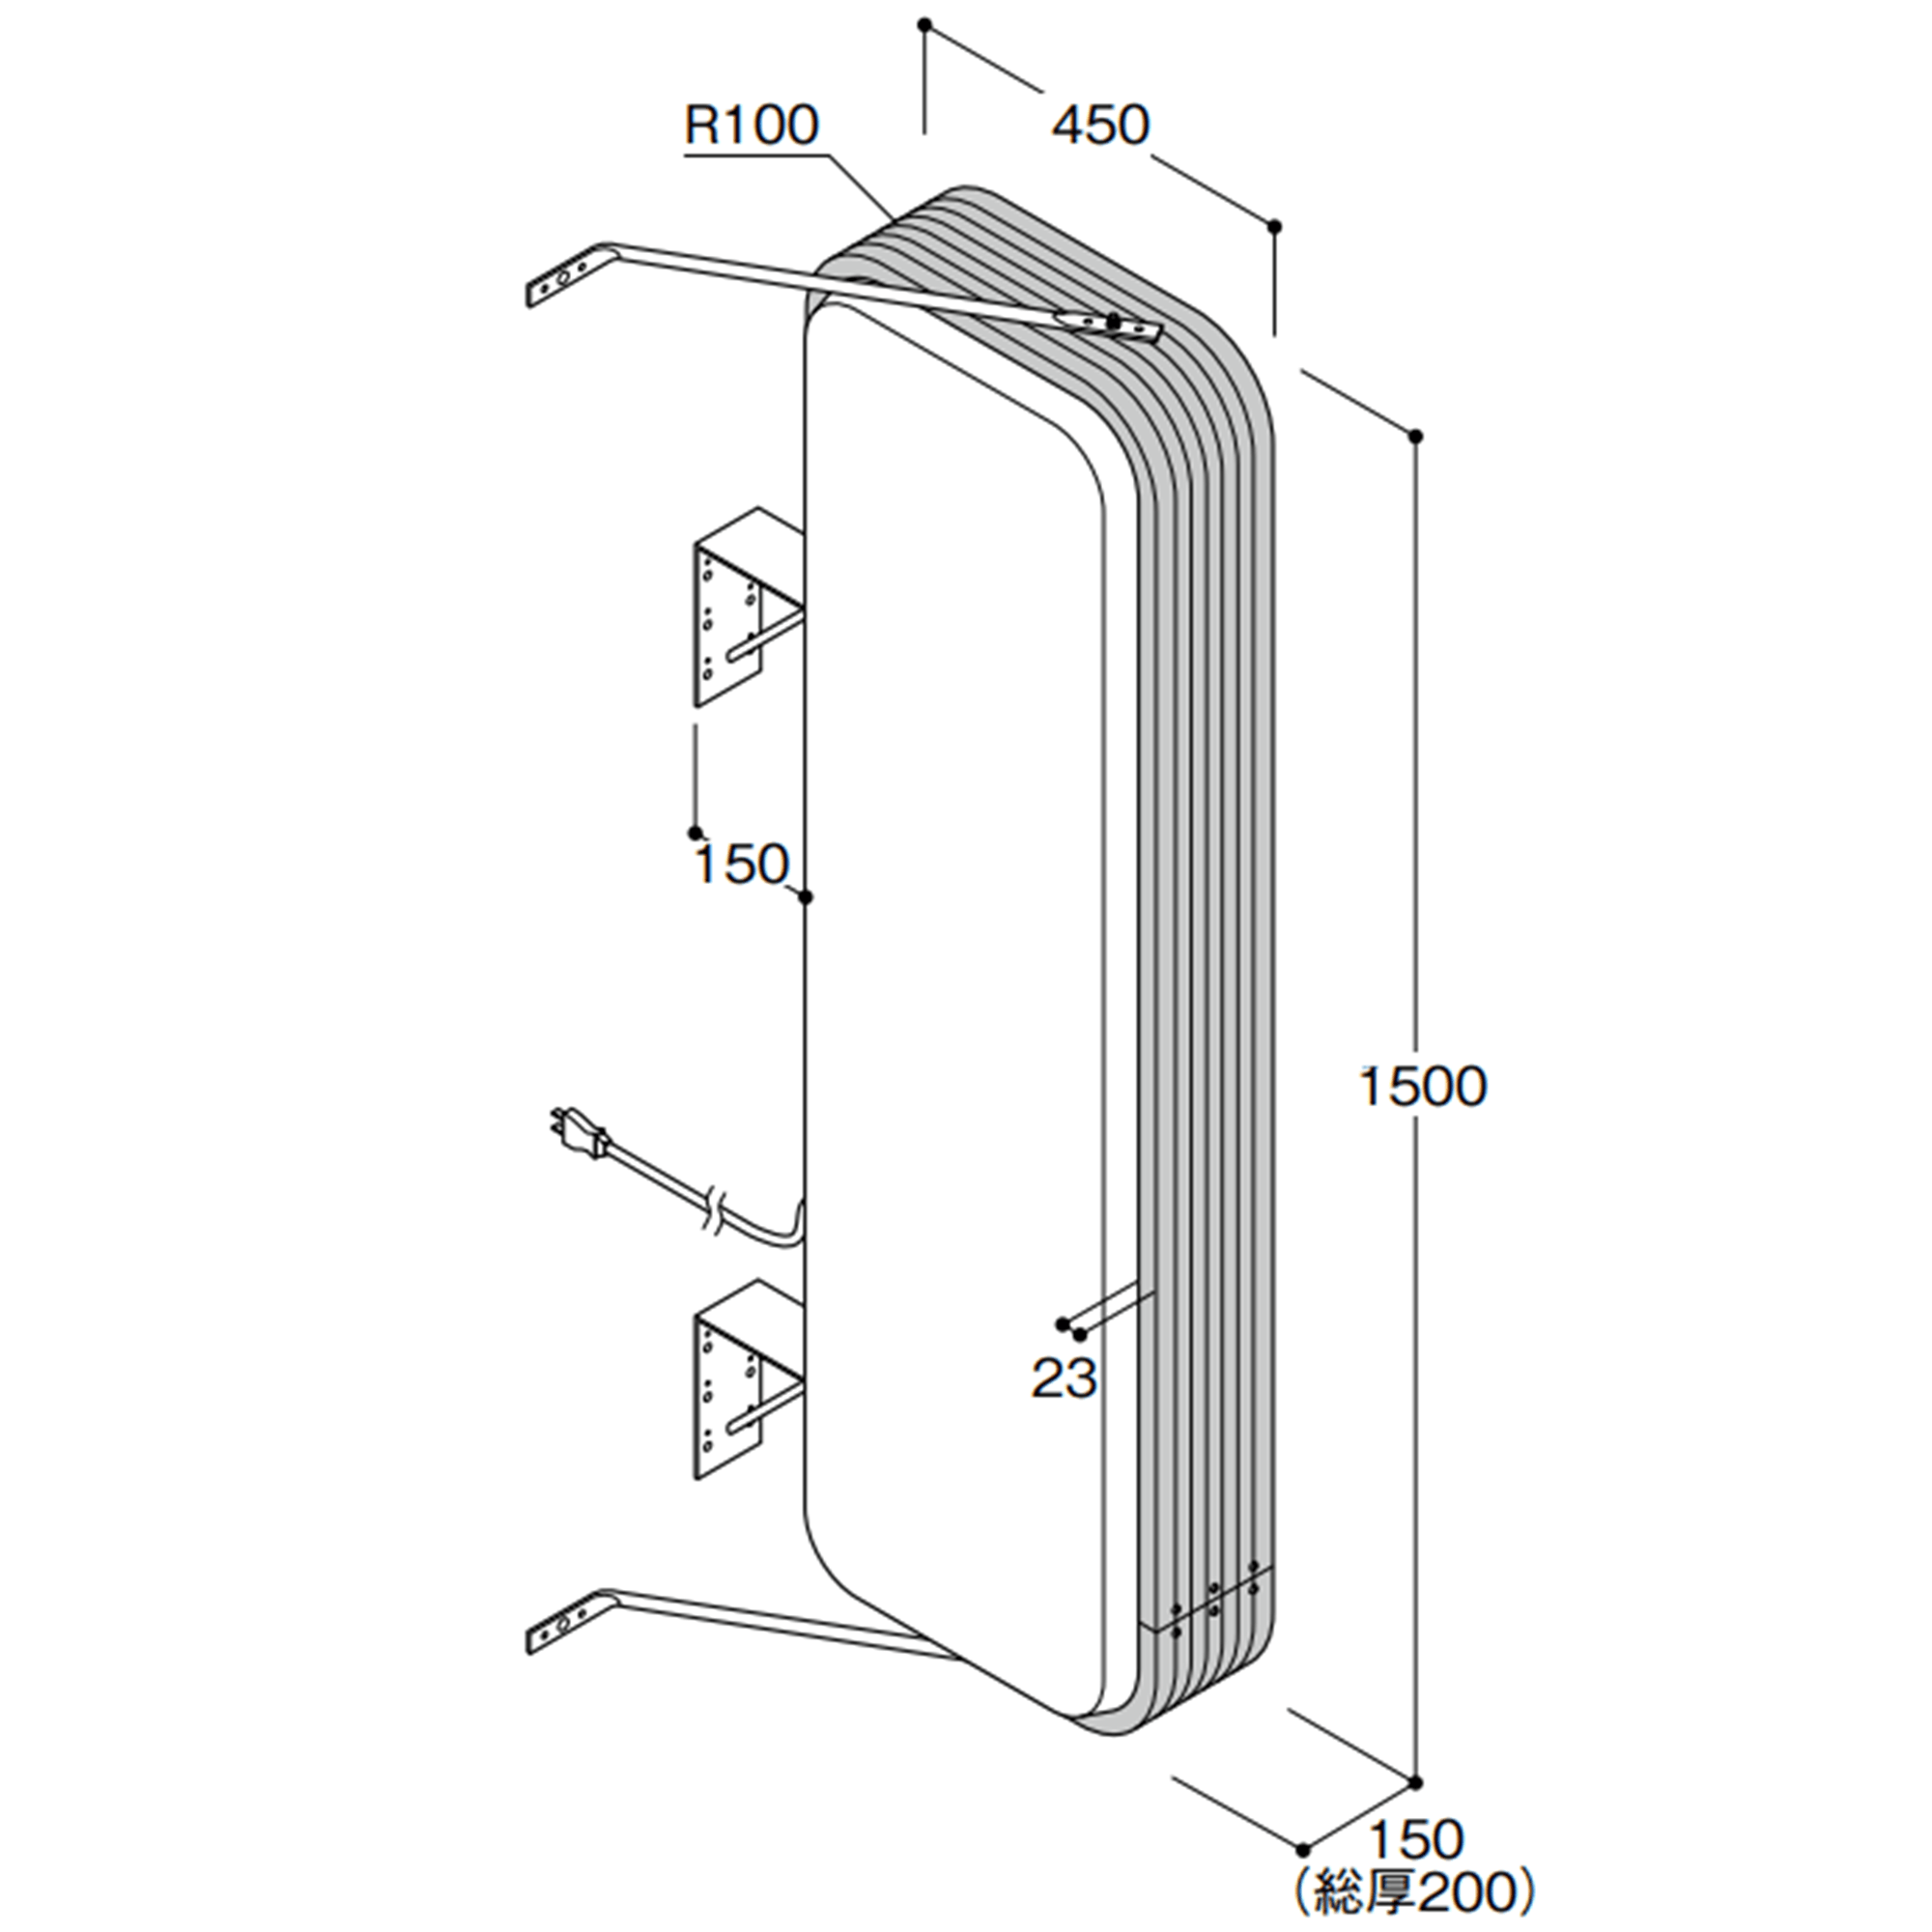 【構造図[立体]】【LED照明】アルミサイン5尺「角丸」突出し看板ADR-5515E-LED シルバー